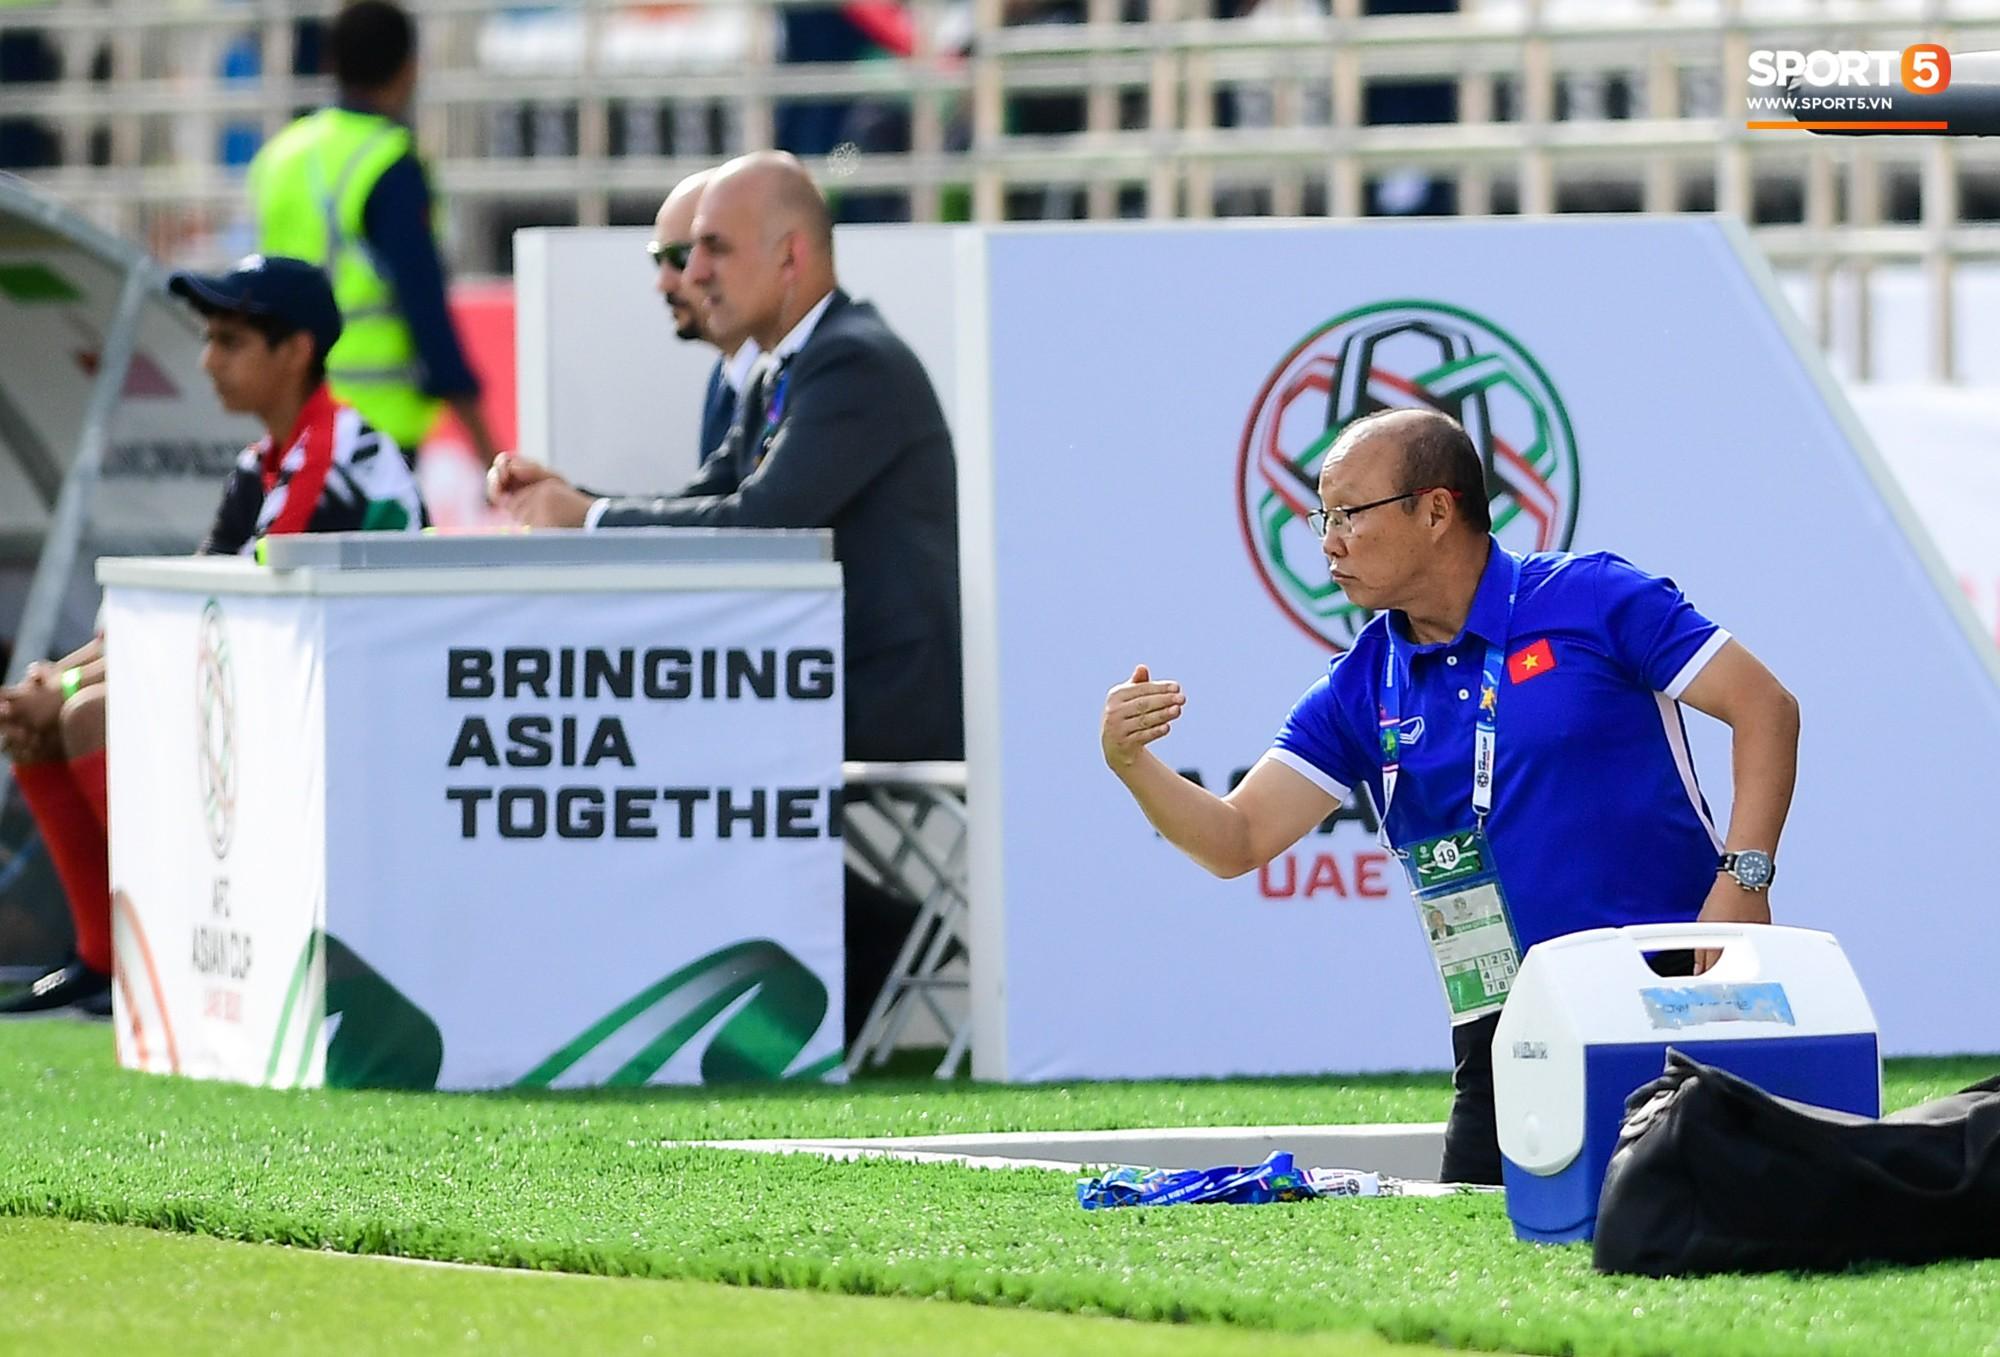 HLV Park Hang-seo nổi nóng với trọng tài, tranh cãi gay gắt với HLV Iran - Ảnh 3.